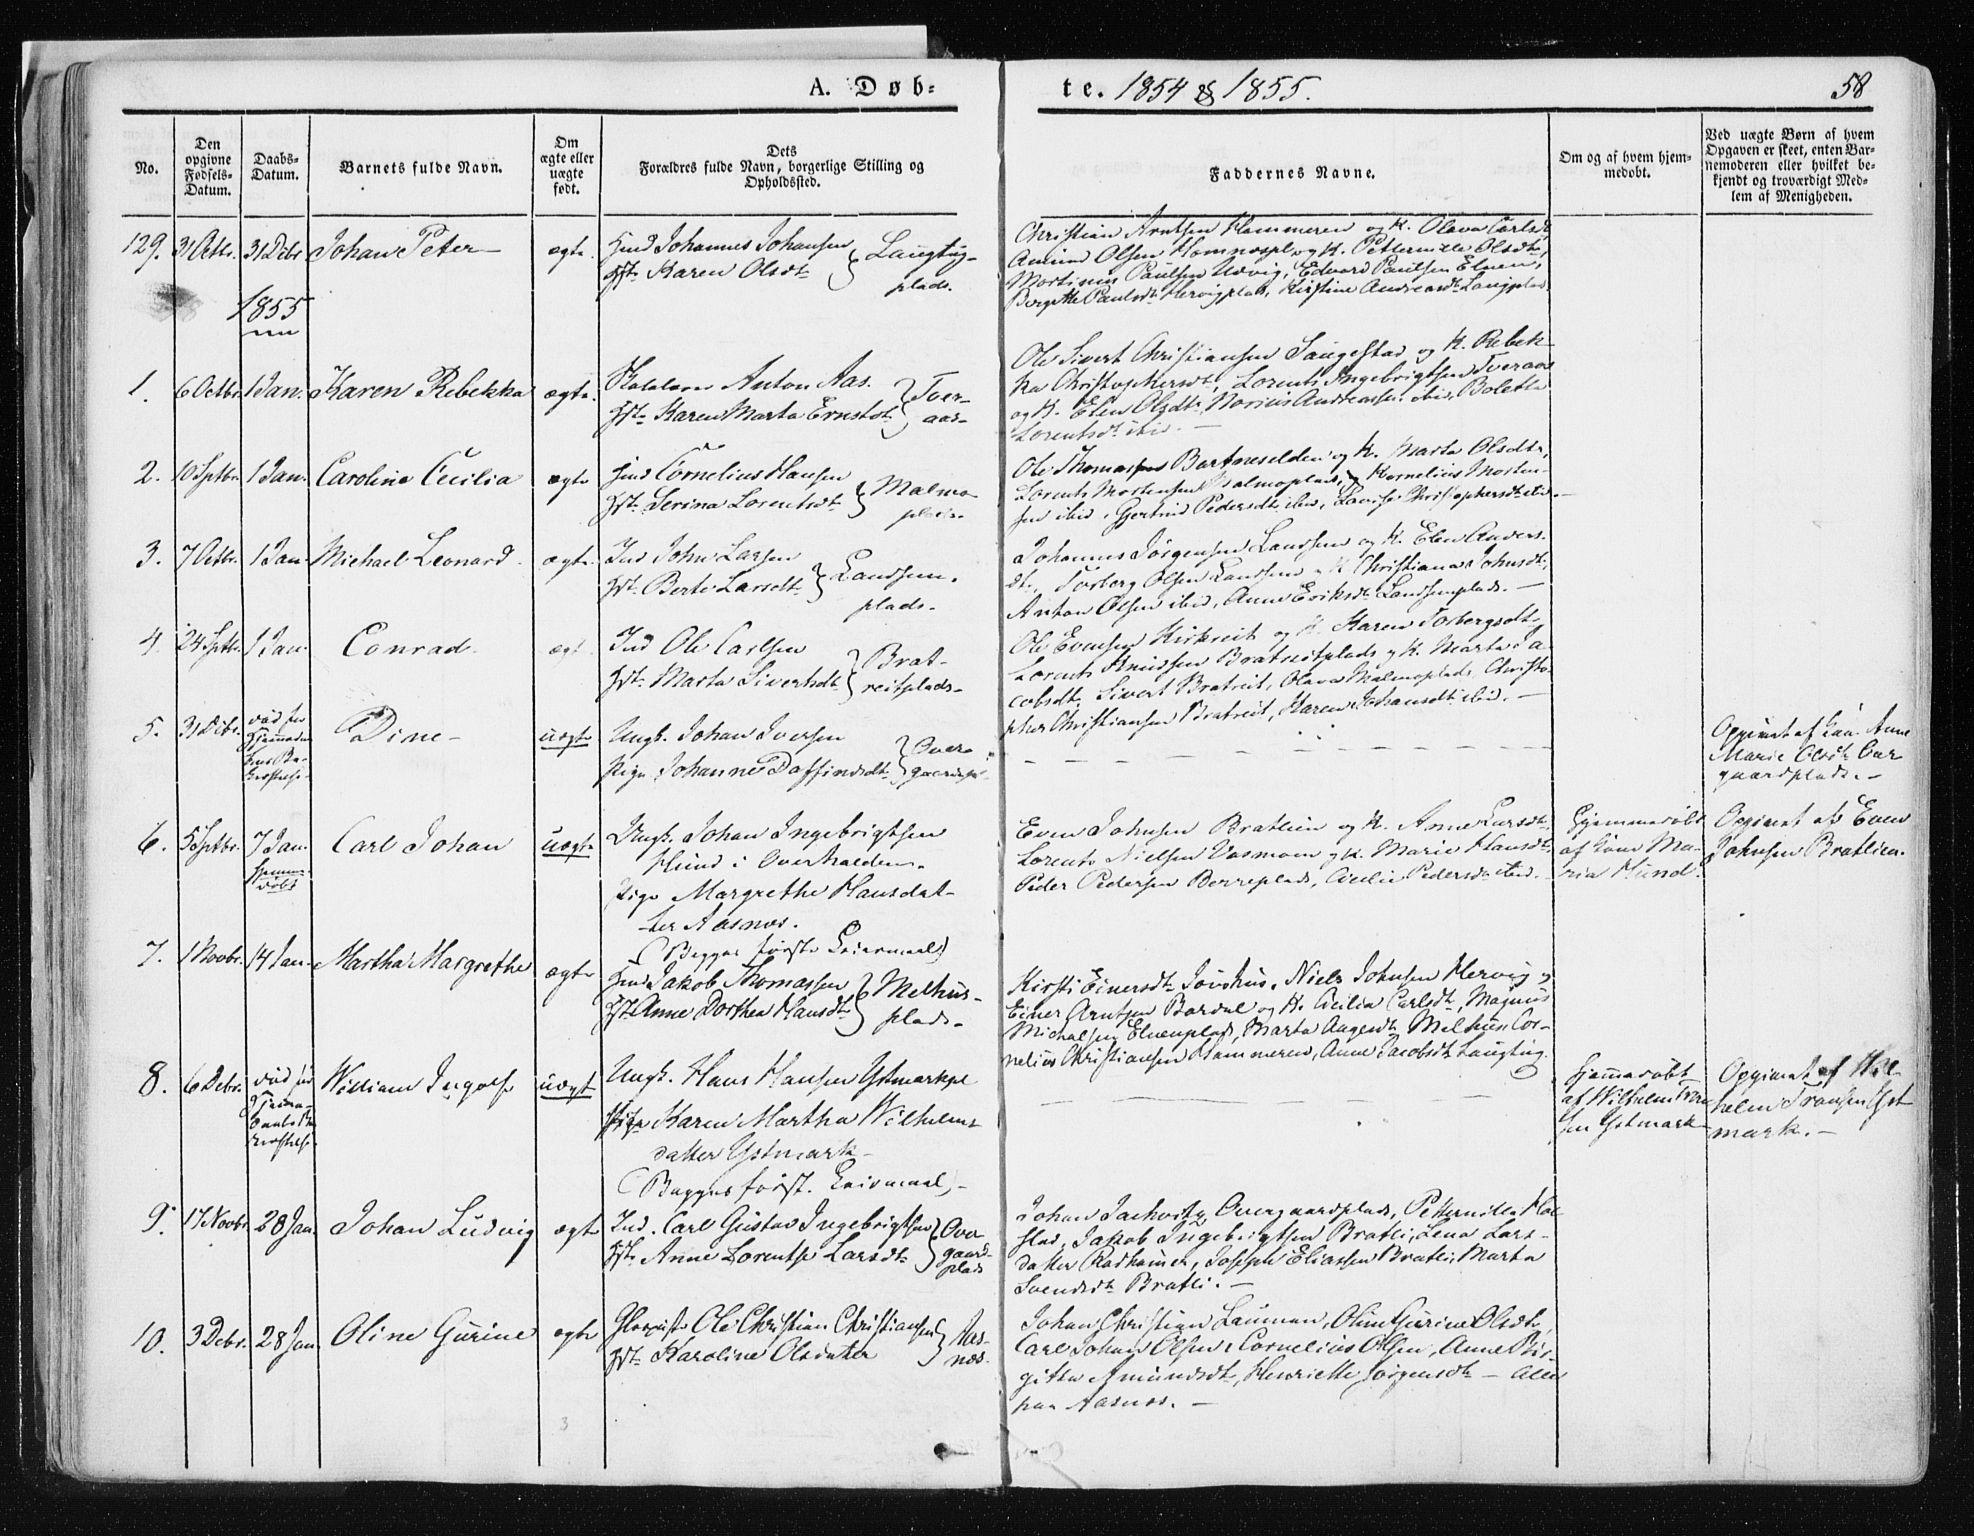 SAT, Ministerialprotokoller, klokkerbøker og fødselsregistre - Nord-Trøndelag, 741/L0393: Ministerialbok nr. 741A07, 1849-1863, s. 58